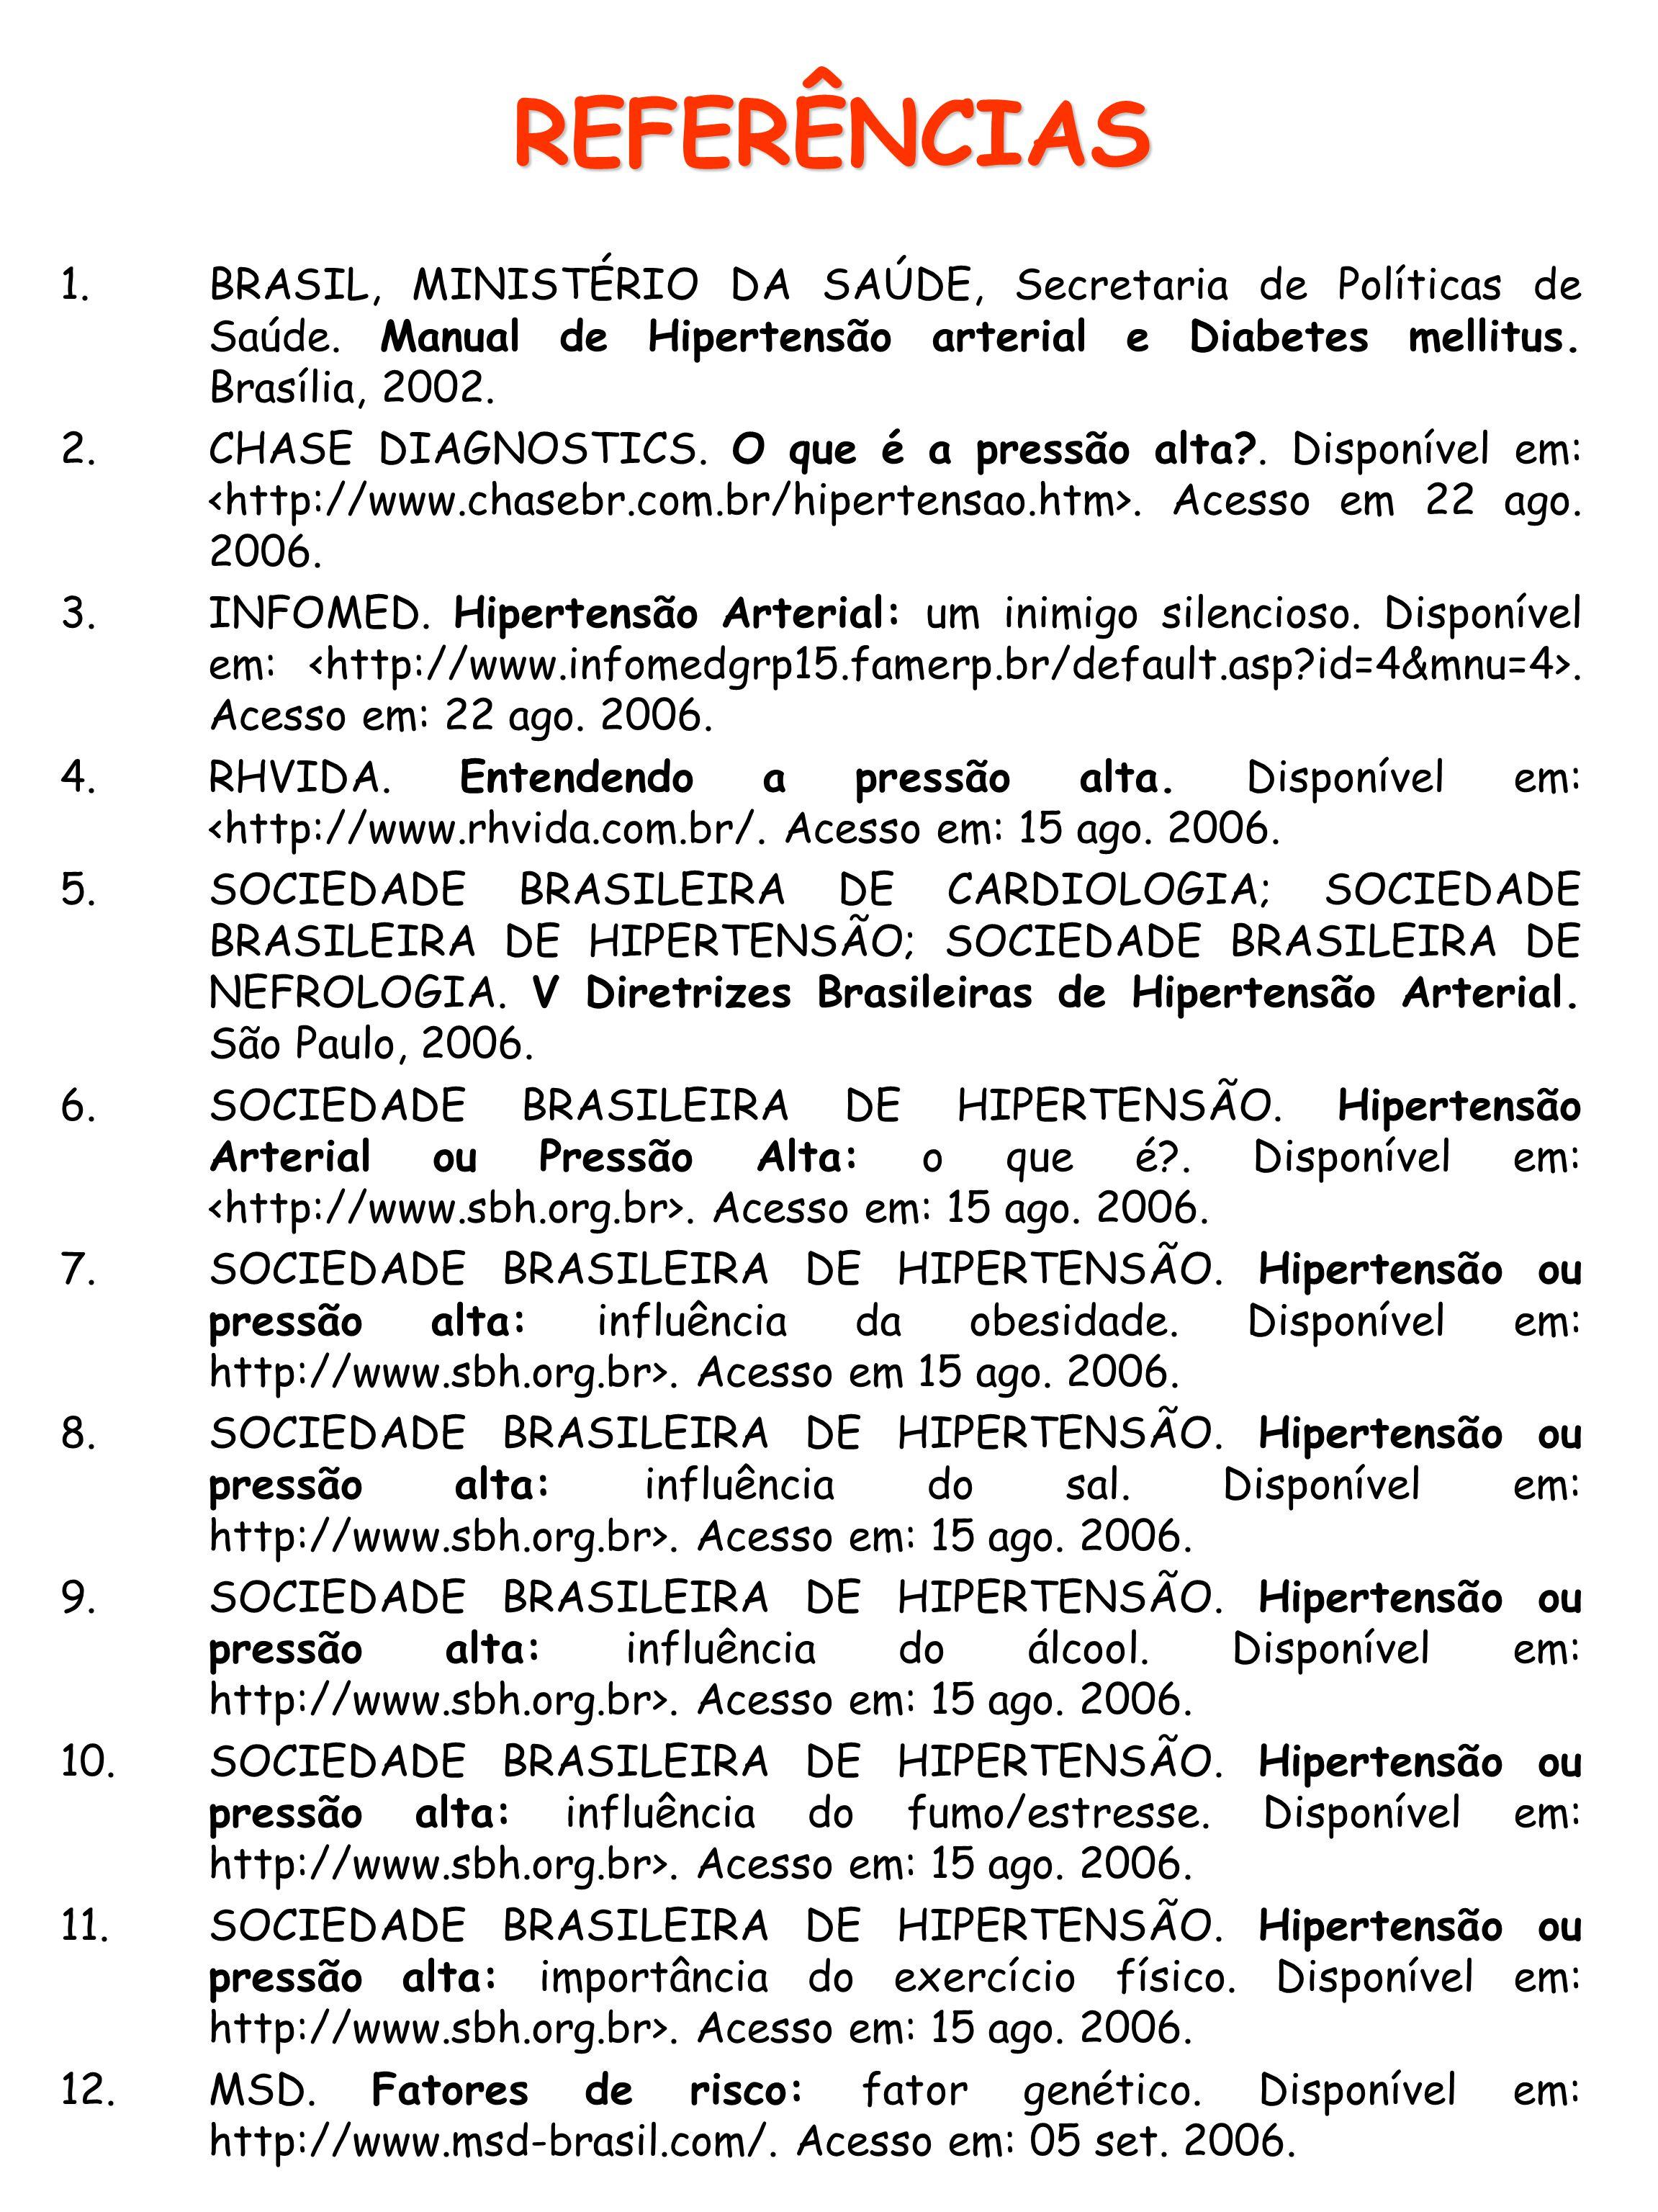 REFERÊNCIAS BRASIL, MINISTÉRIO DA SAÚDE, Secretaria de Políticas de Saúde. Manual de Hipertensão arterial e Diabetes mellitus. Brasília, 2002.